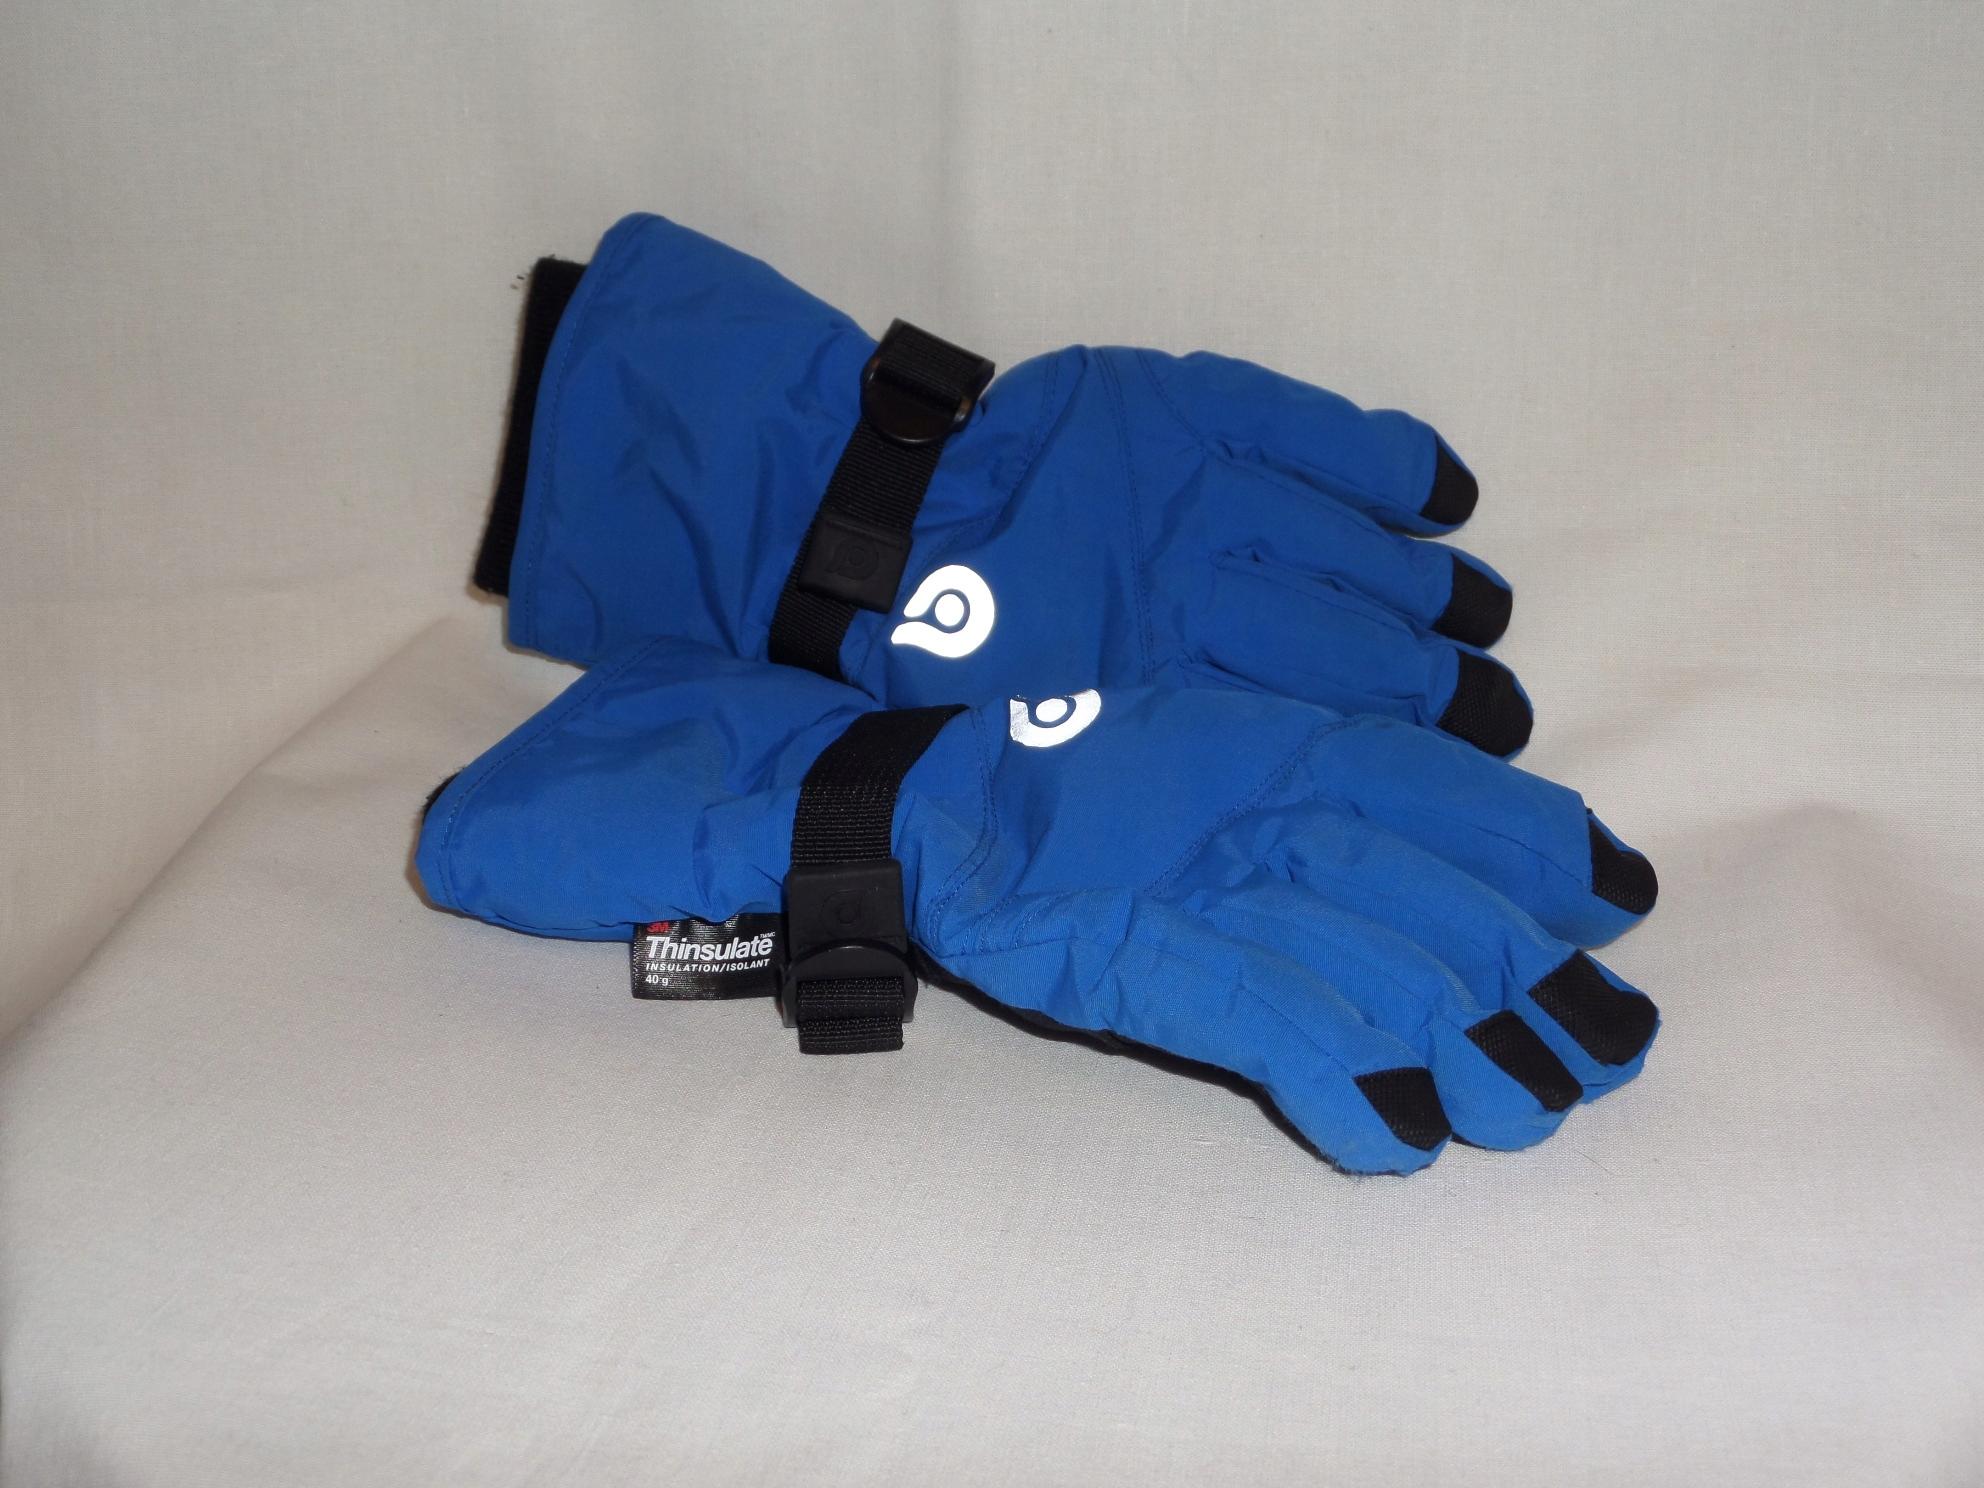 KAPPAHL dziecięce rękawiczki Thinsulate 10-12 lat